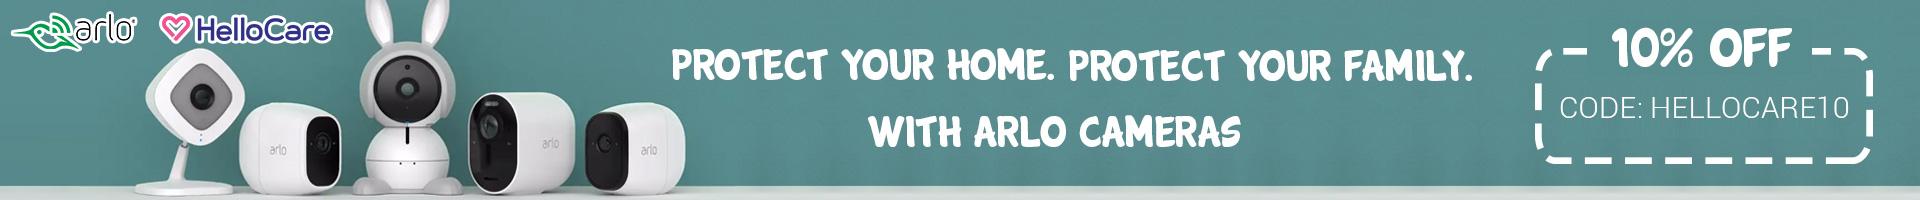 HelloCare Arlo Promo